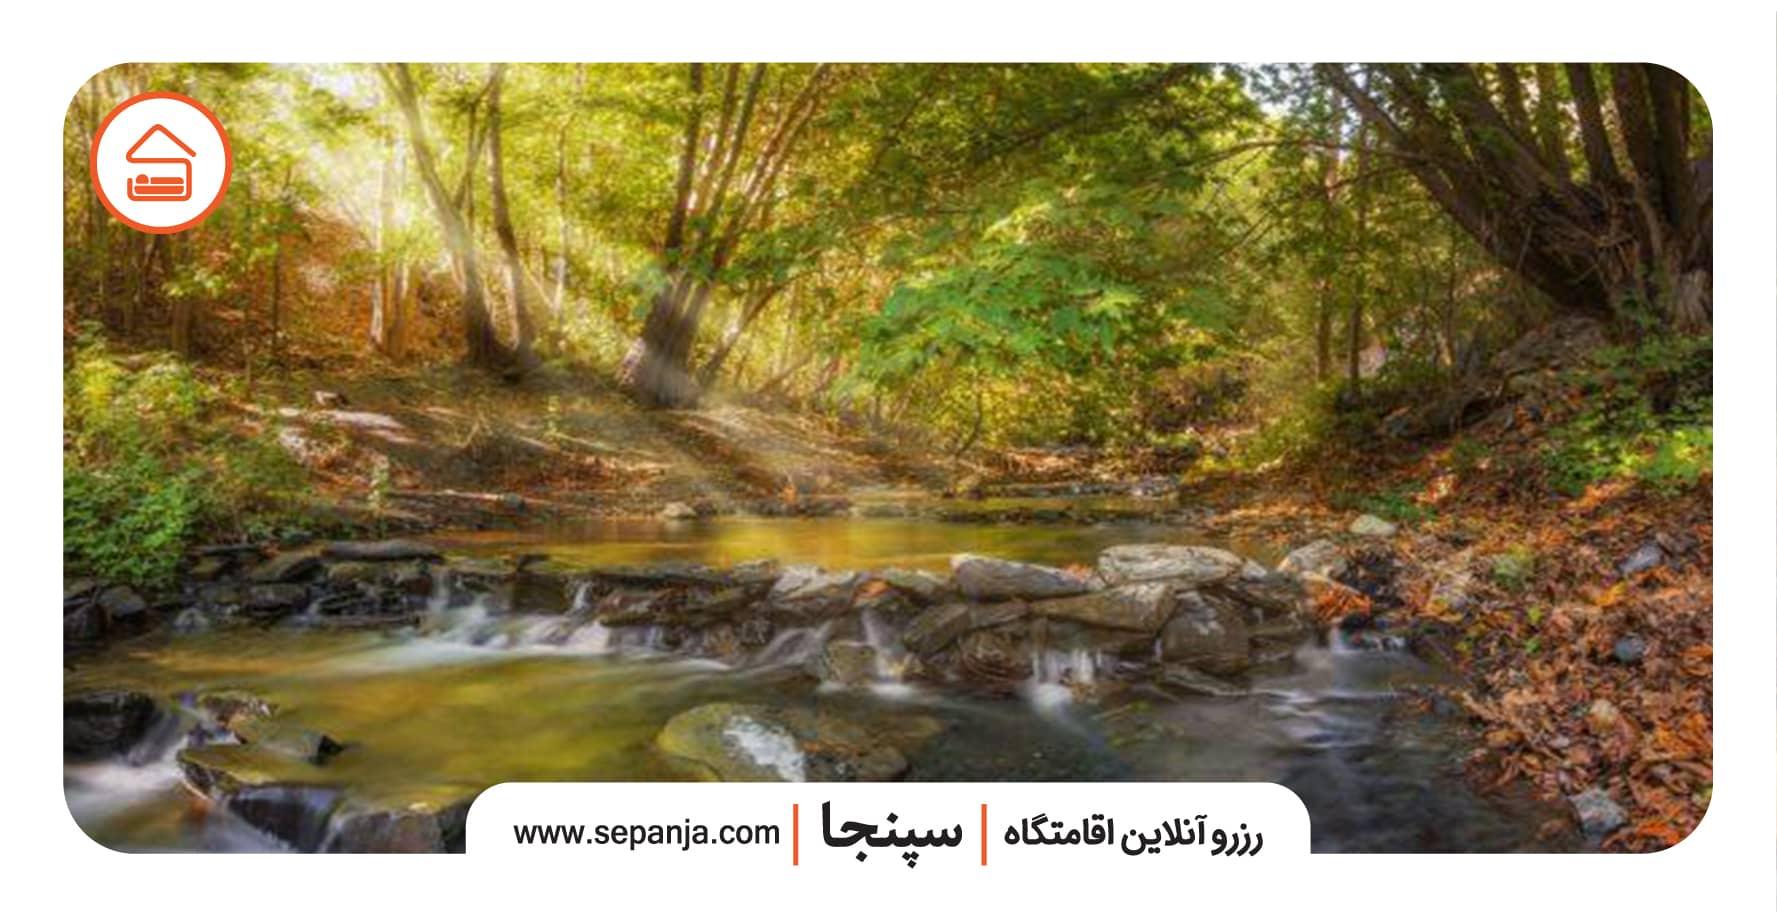 نمایی از جاغرق در مشهد